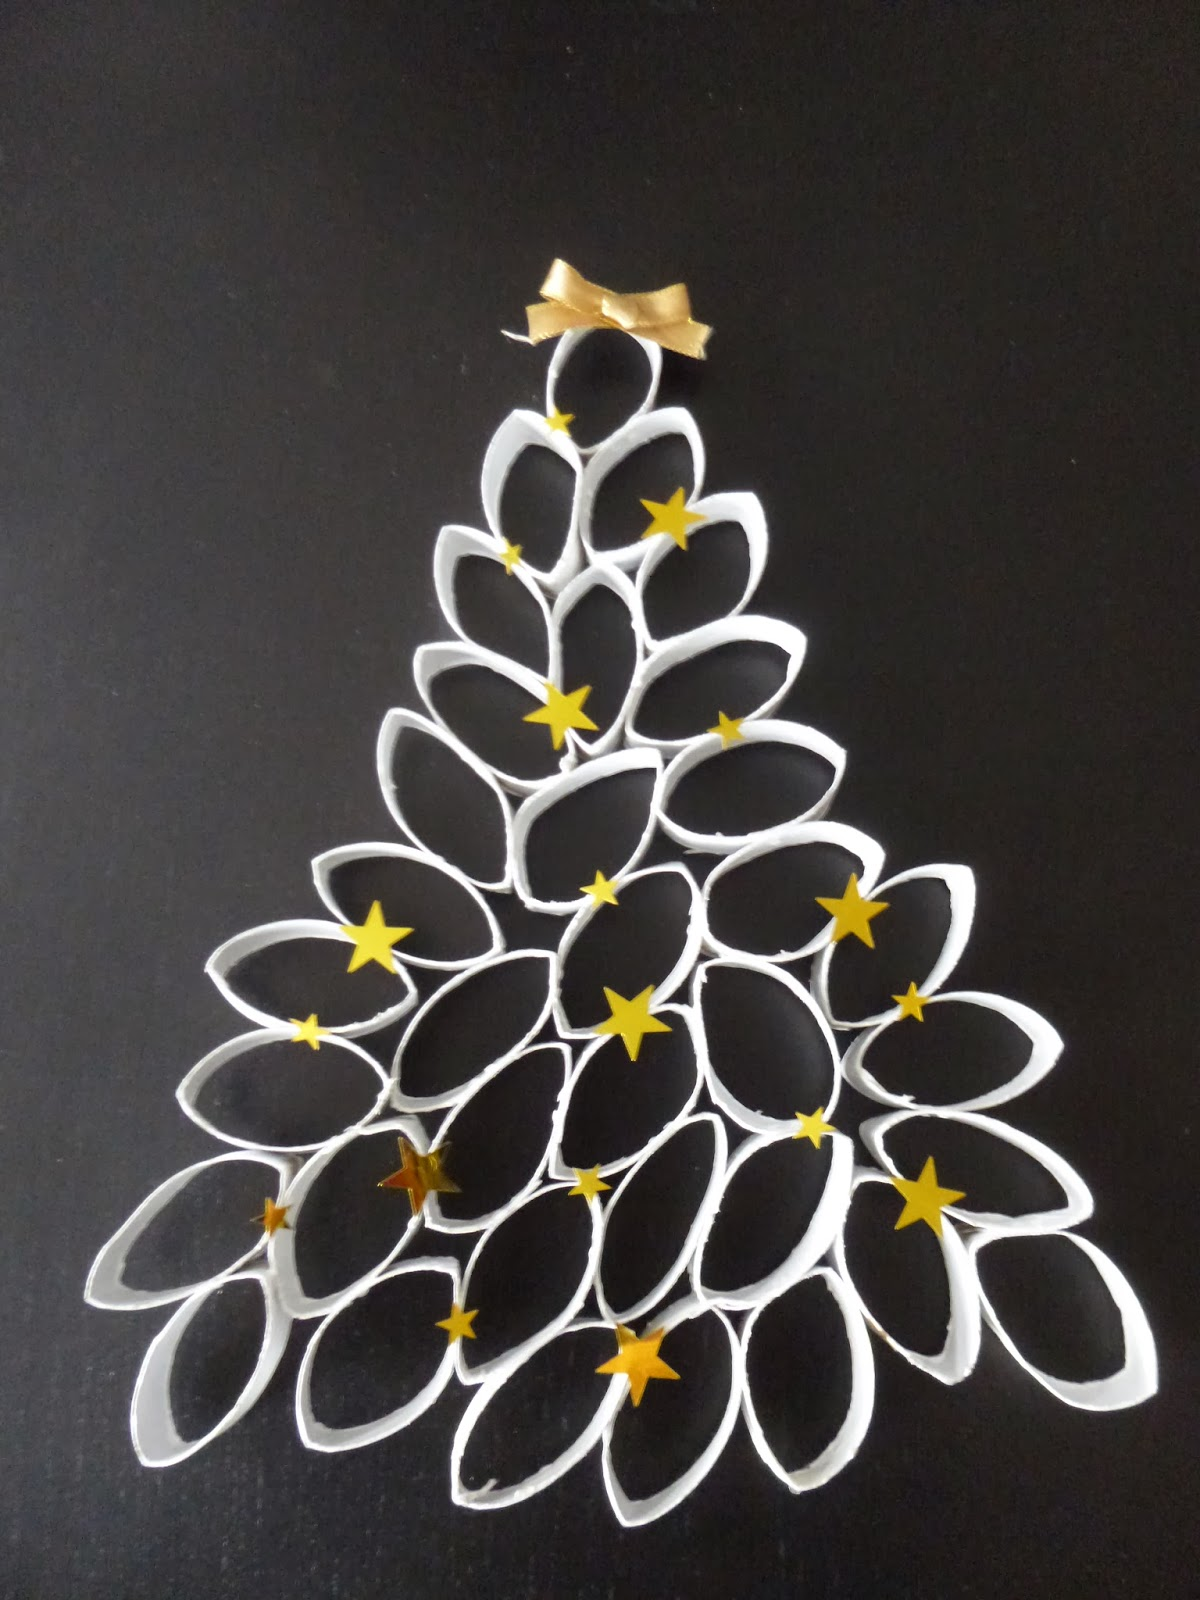 It S Christmas Time Diy Sapin De Noel En Rouleaux De Papier